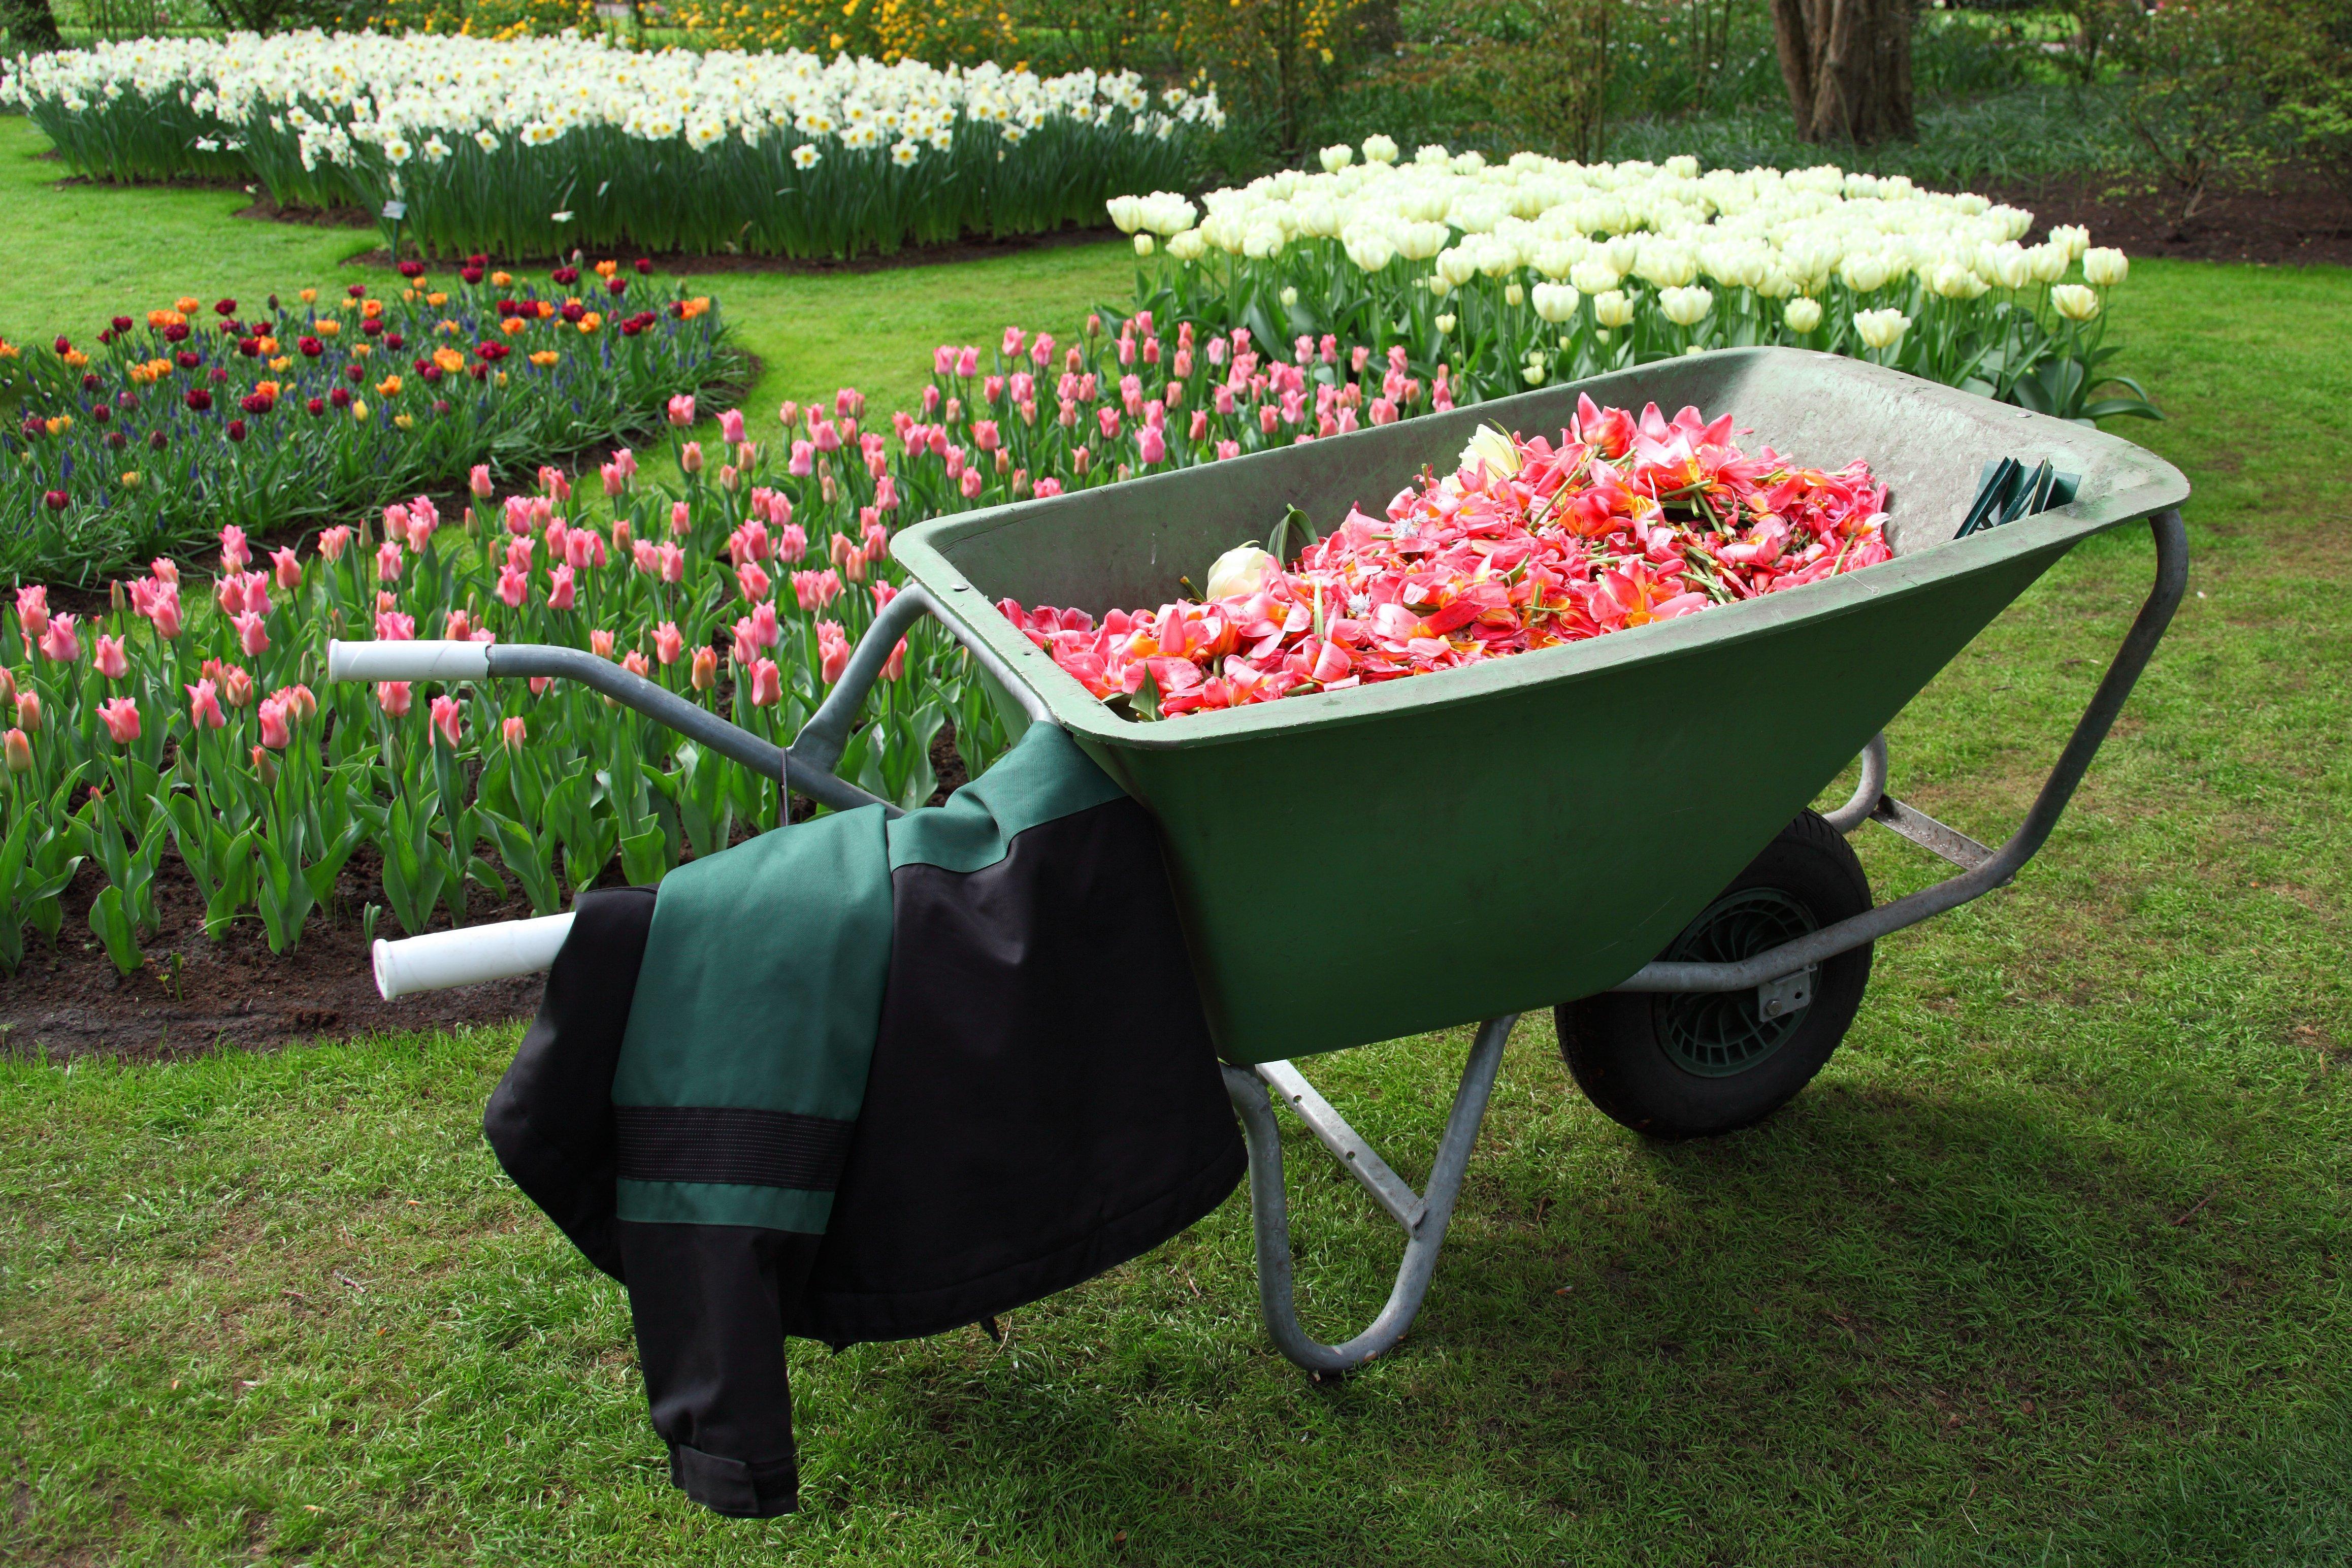 Kur išmesti elektrinius sodo, daržo įrankius?